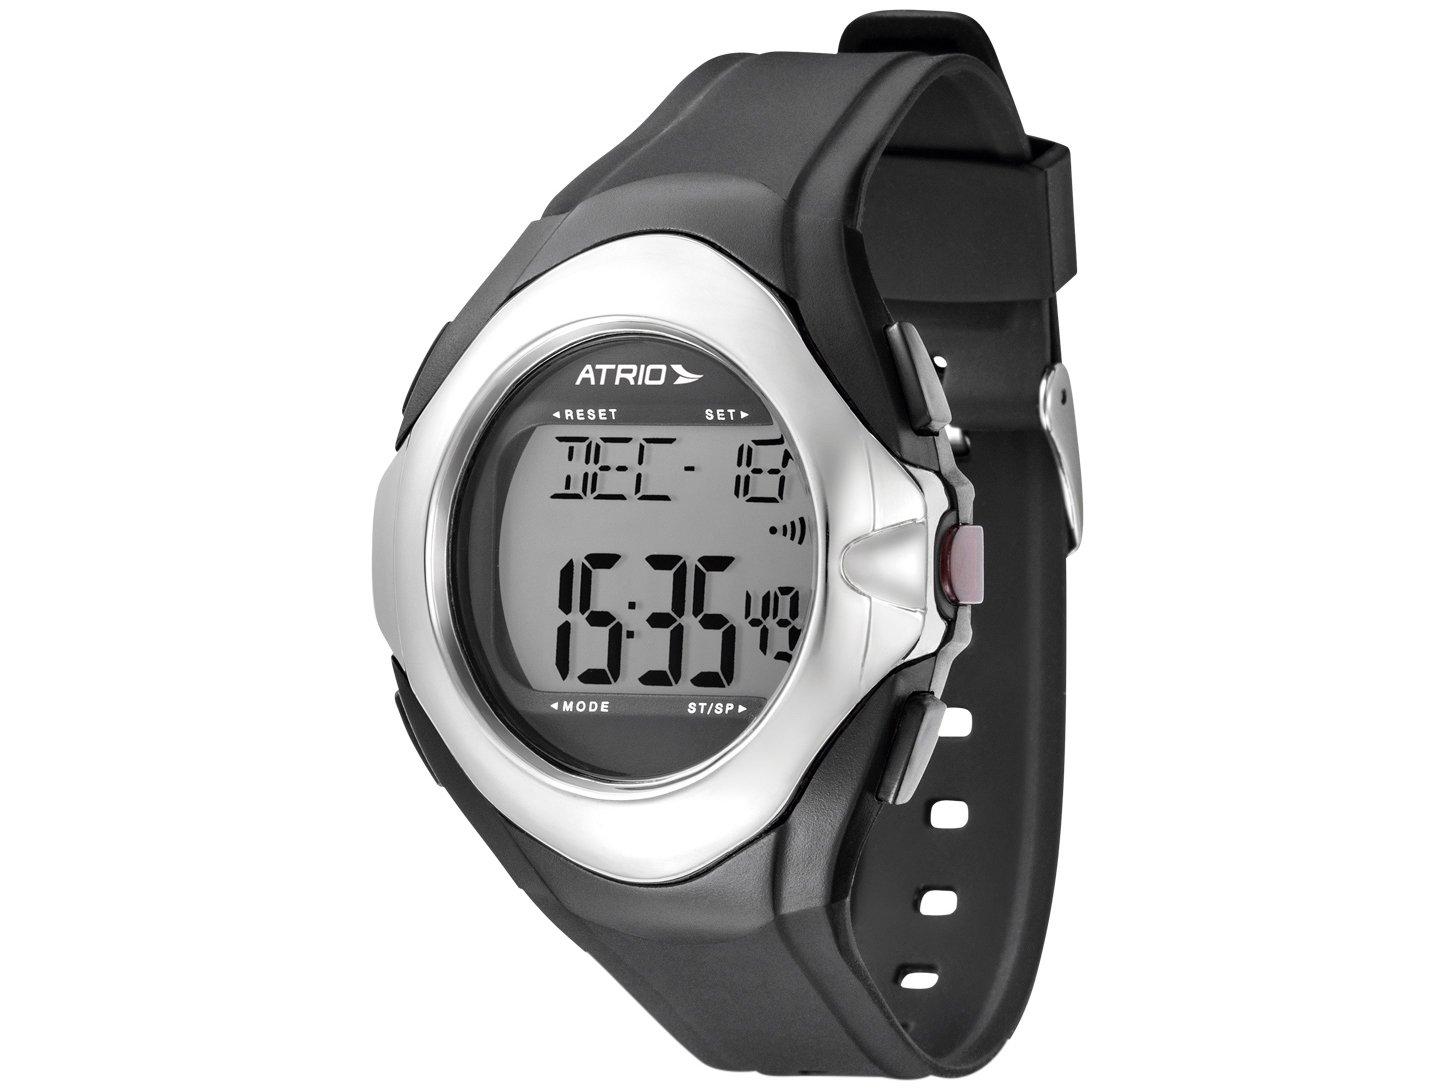 b62d1c49e62 Relógio Monitor Cardíaco Atrio Touch ES094 Contador de Calorias ...